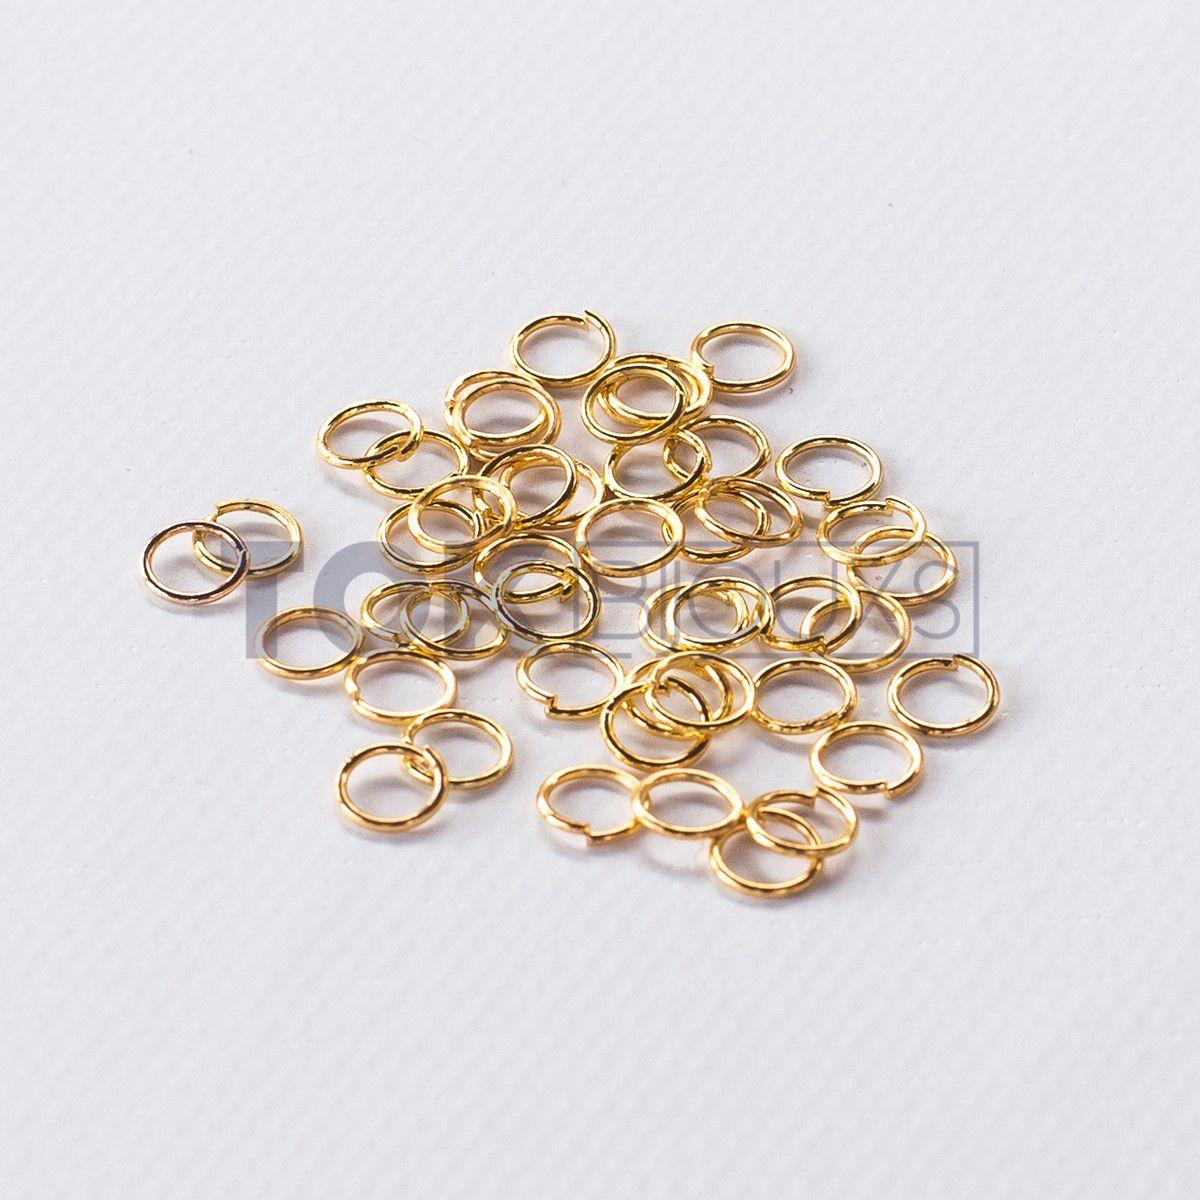 Argola De Ferro 6mm - Dourado - 25g